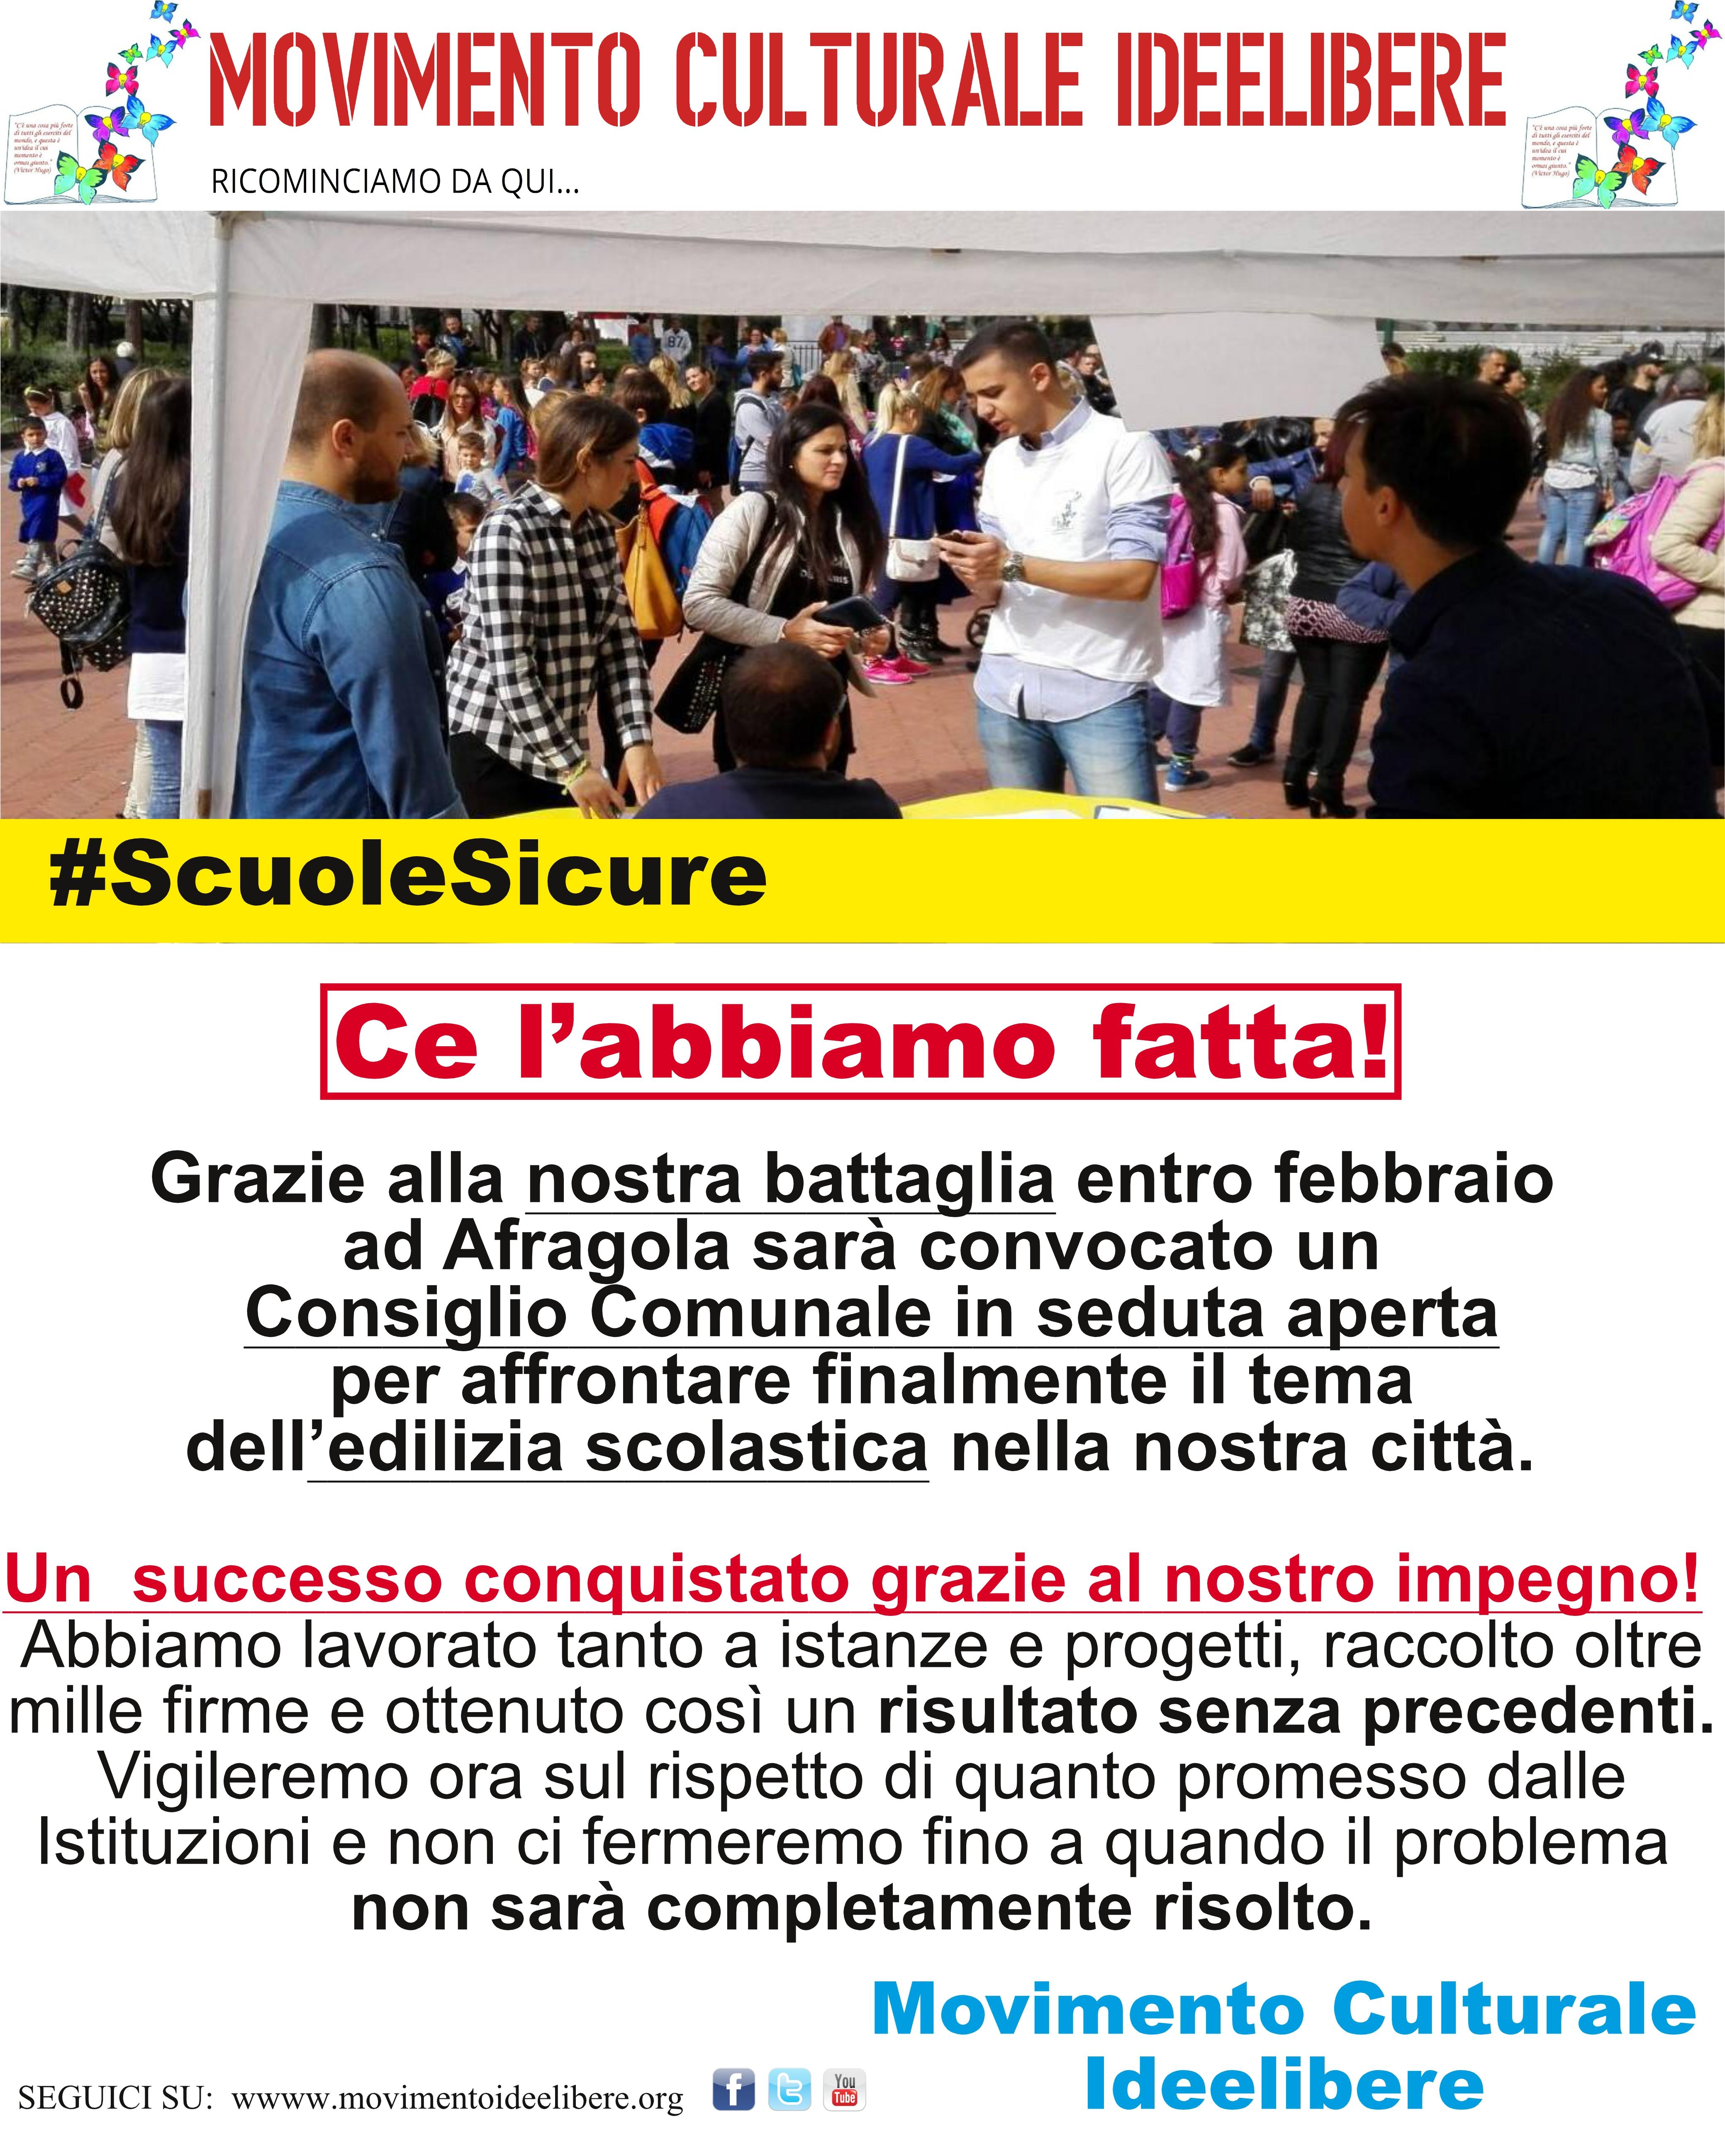 #ScuoleSicure: UN'ALTRA NOSTRA GRANDE VITTORIA!